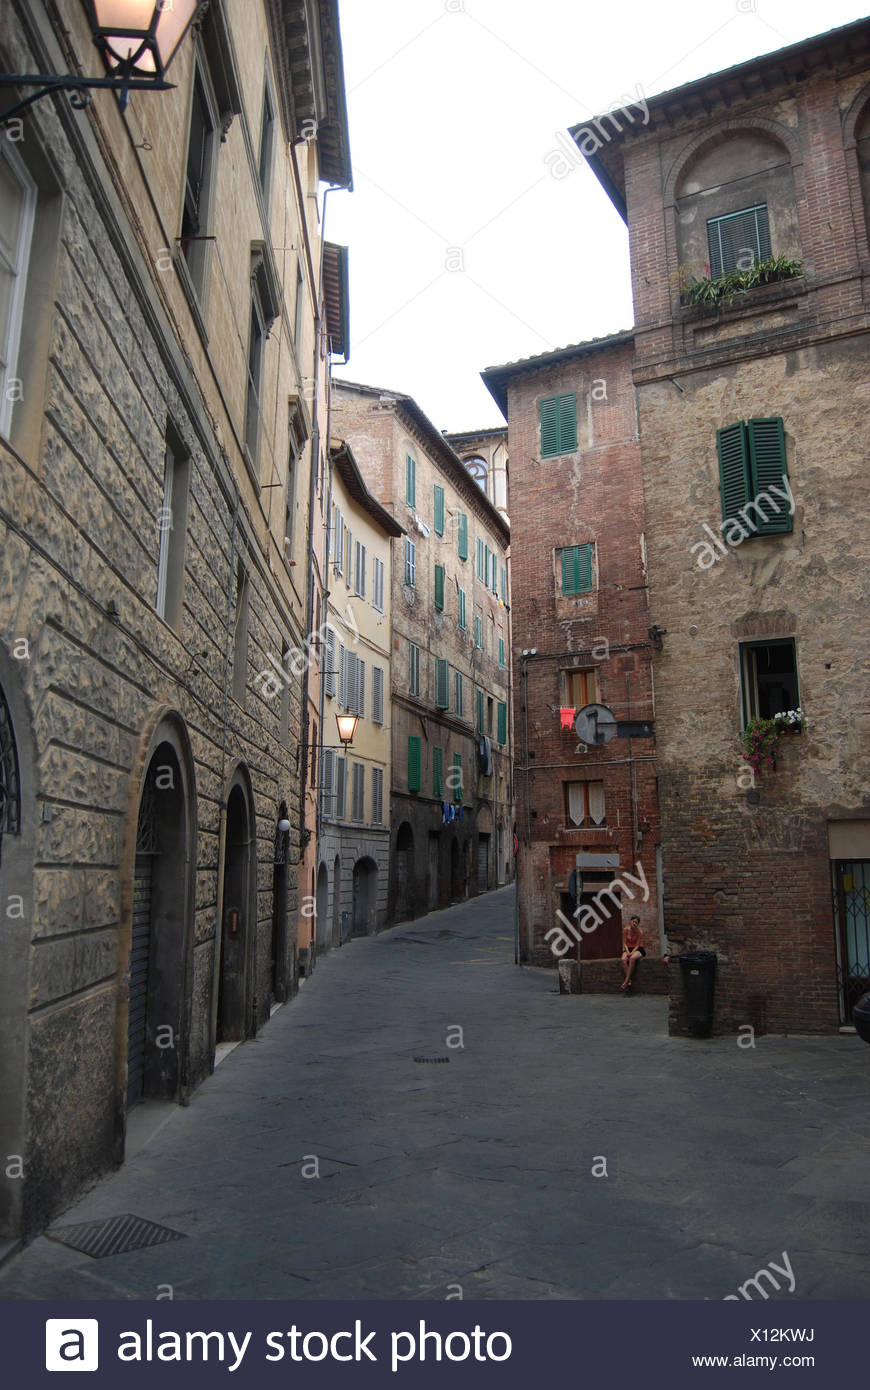 Jugendliche Frau Sitzt Alleine Auf Einer Mauer Mit Gekreuzten Beinen in Einer Gasse in der Altstadt von Siena, Toskana, Italien Stockbild